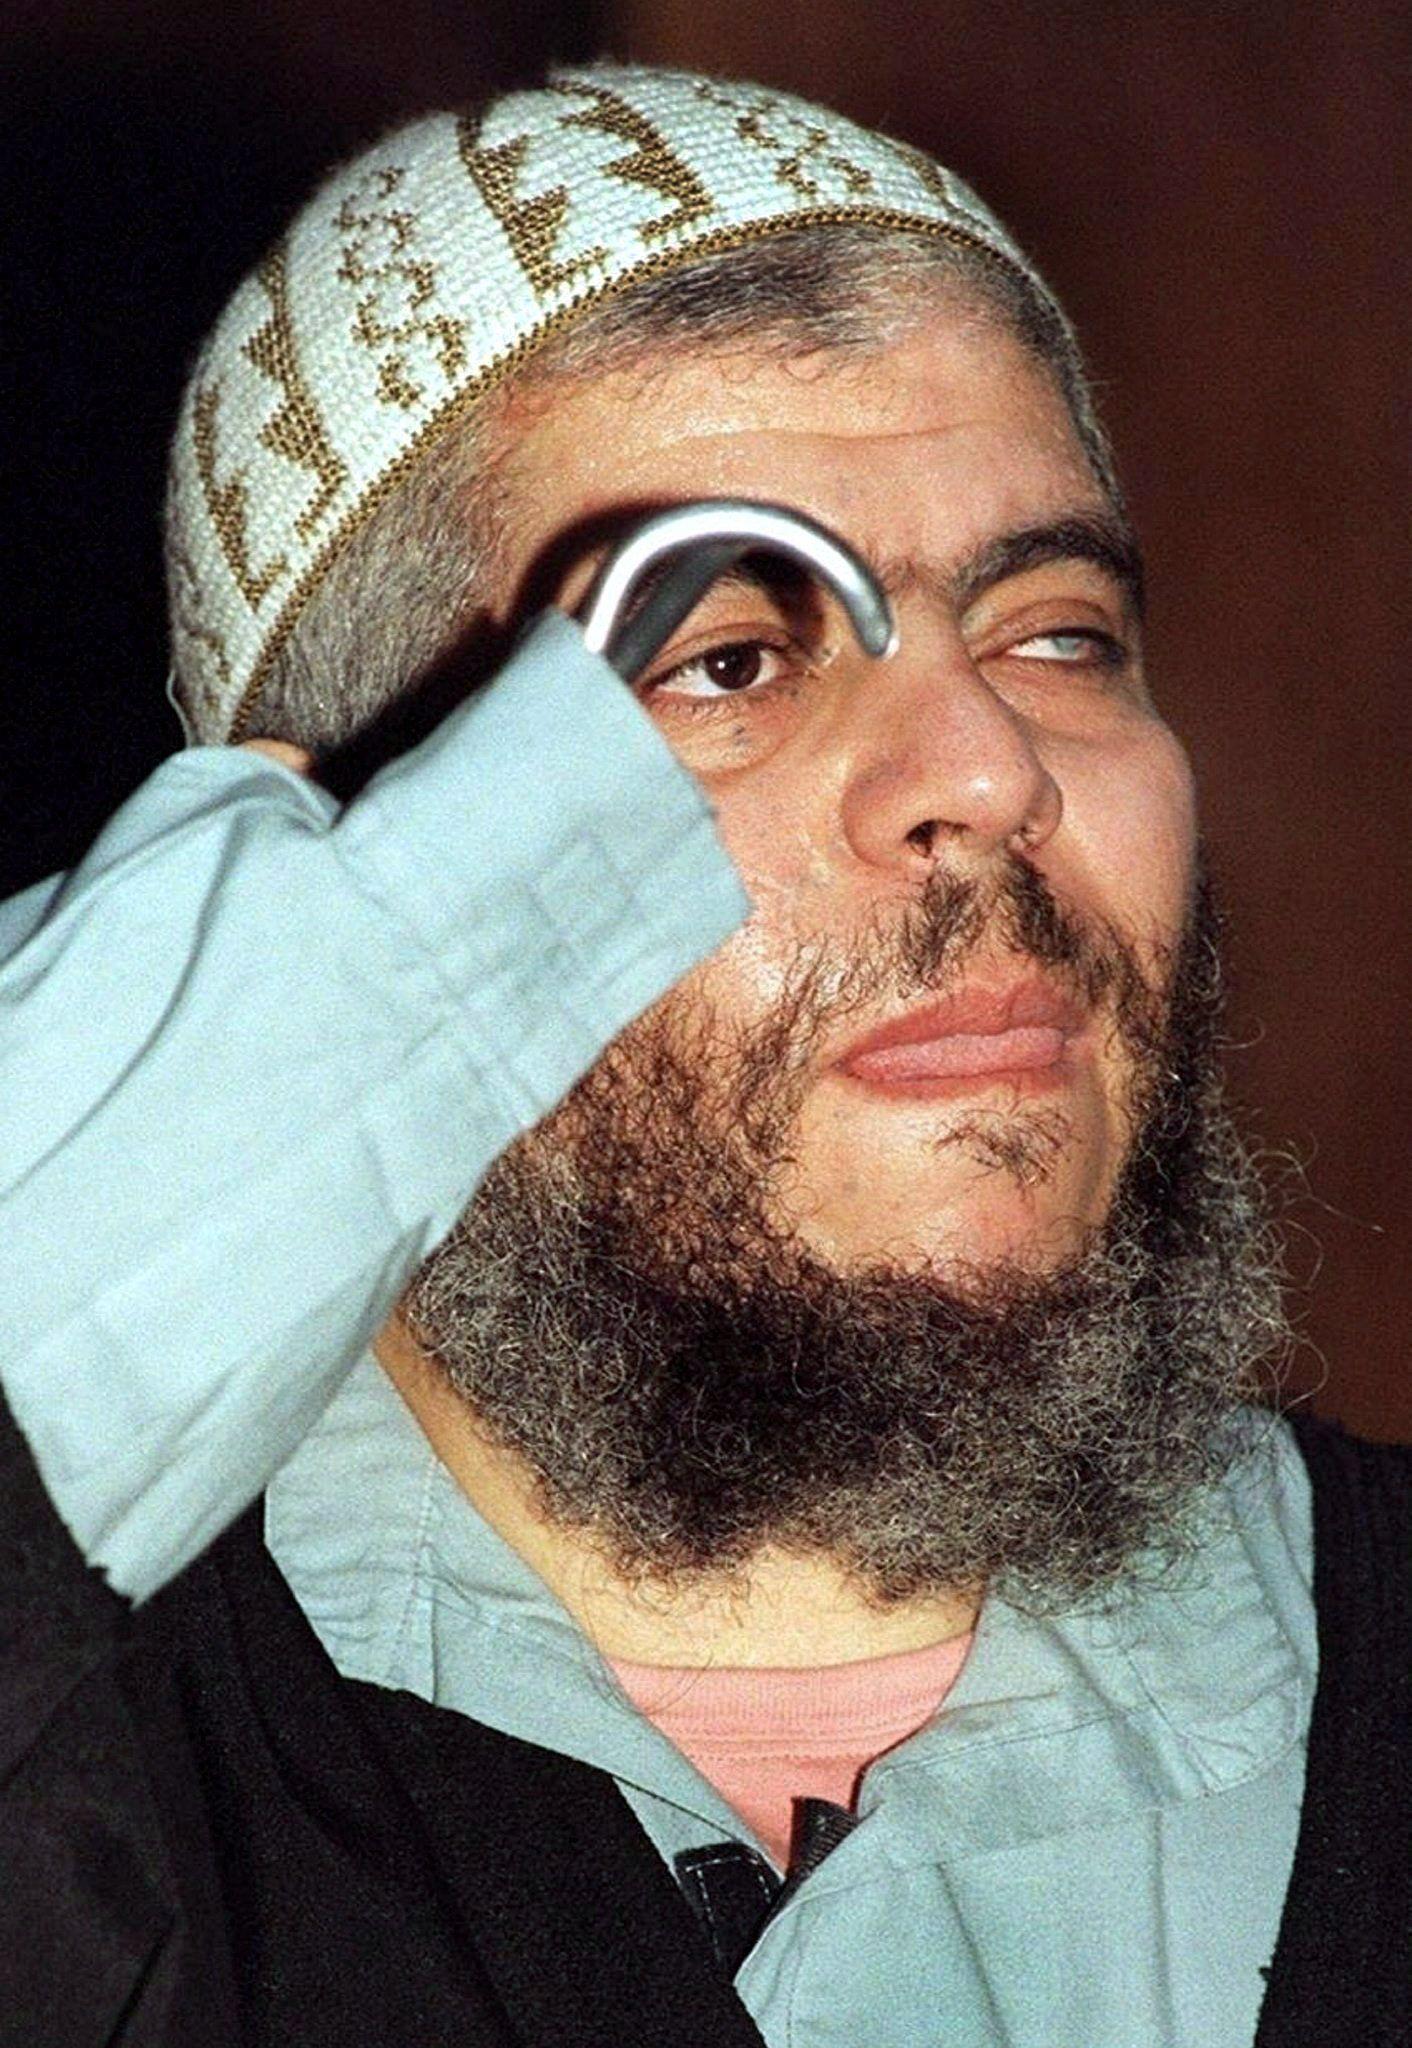 Terror/ Abu Hamza